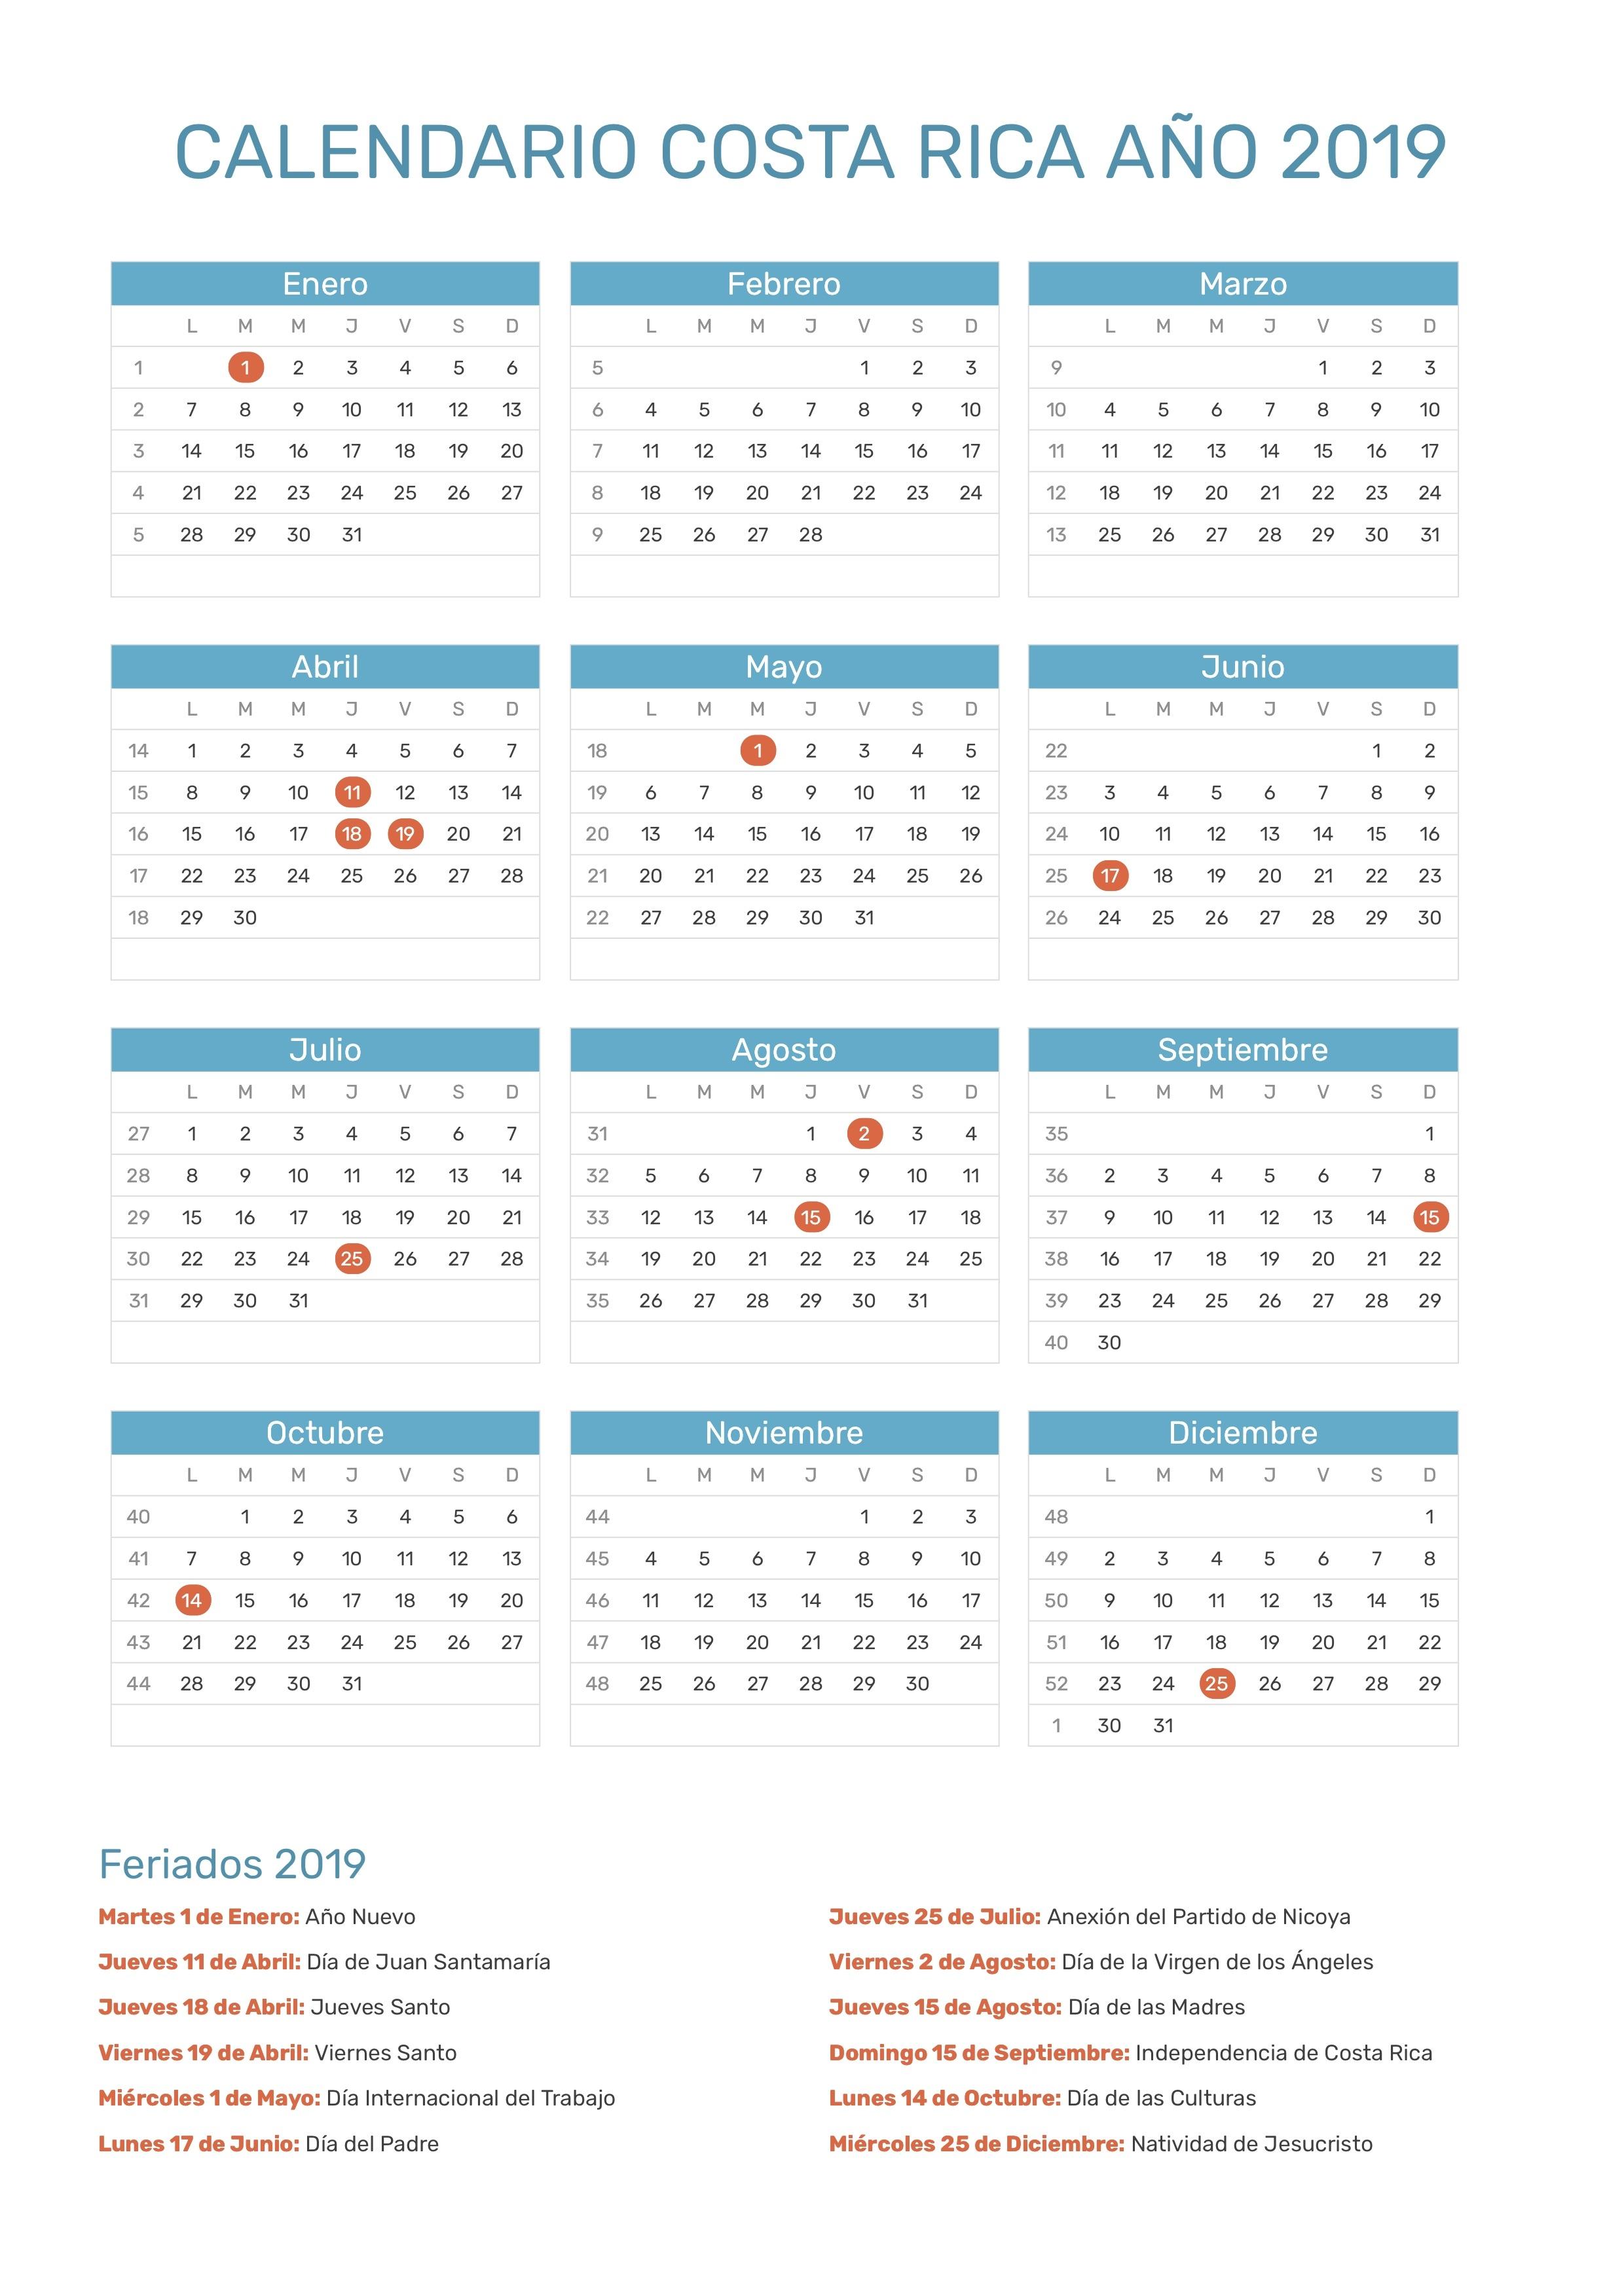 Calendario 2019 Costa Rica